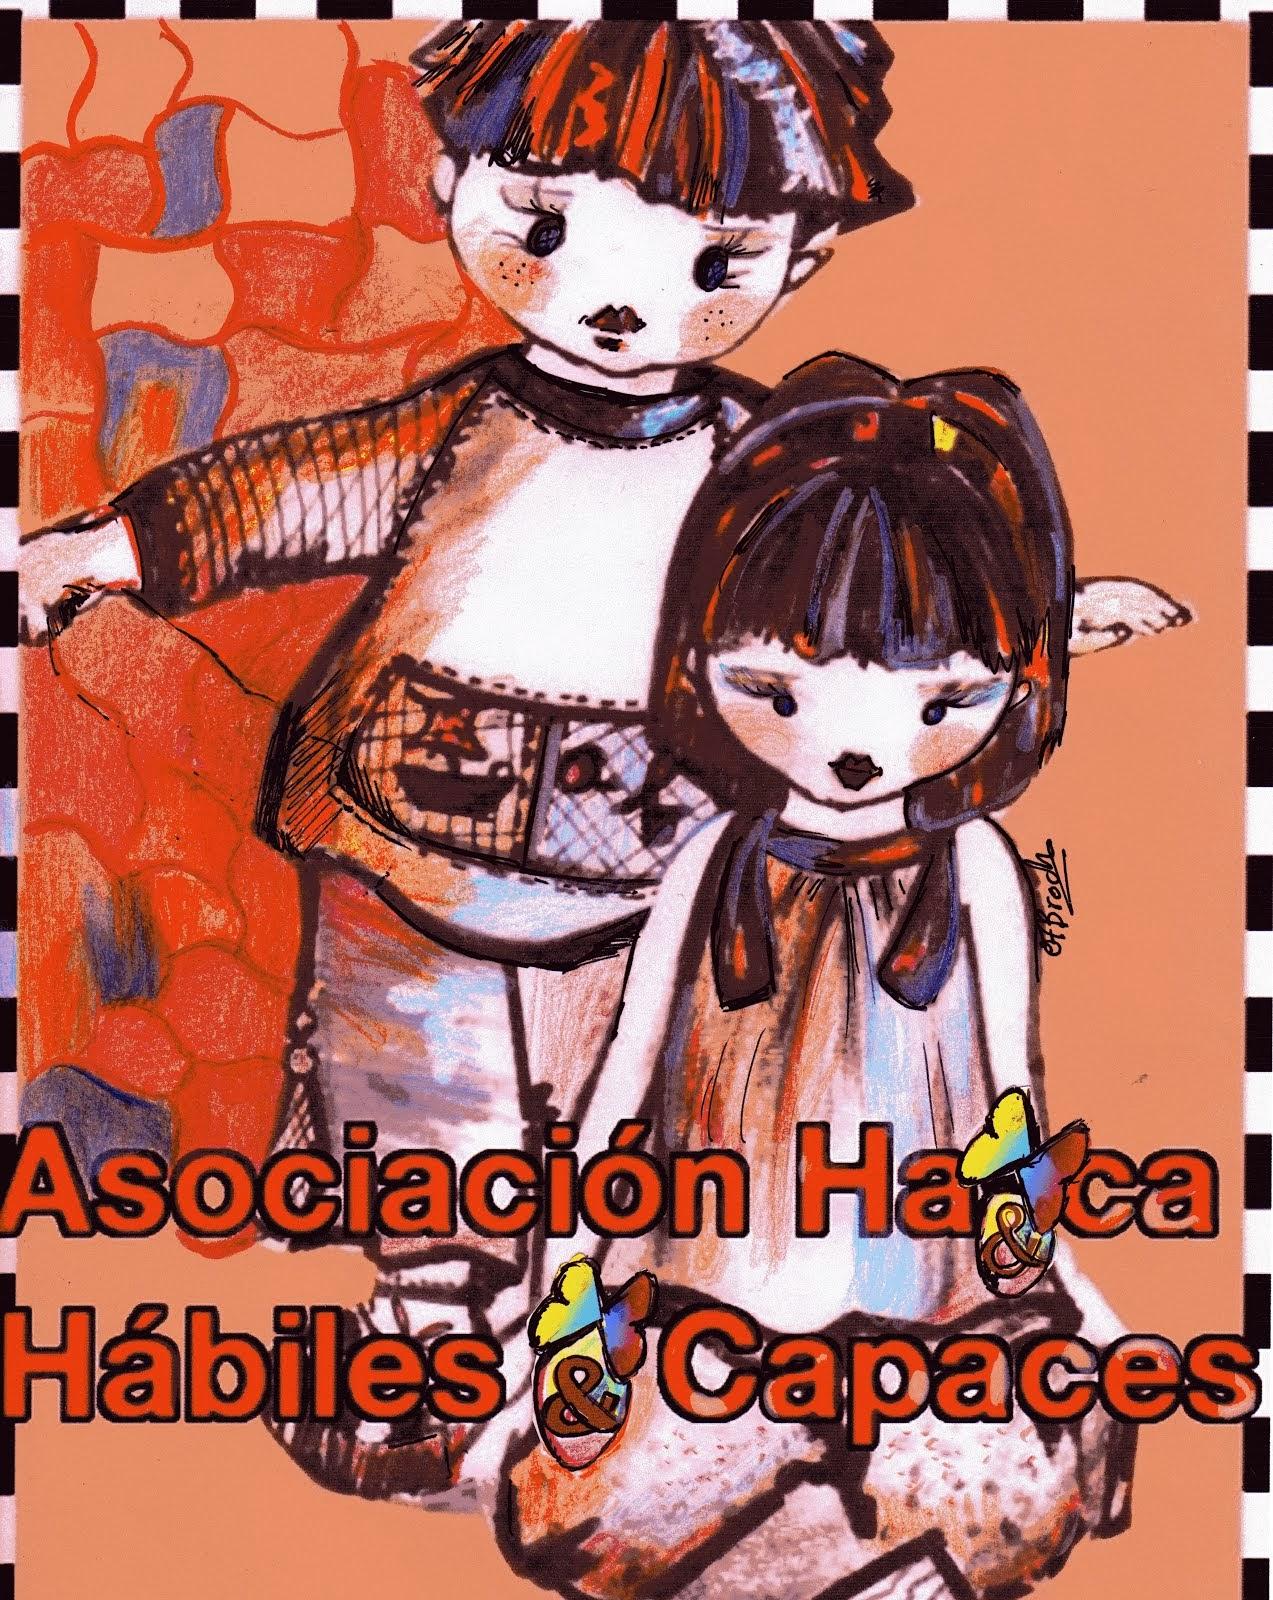 Asociación Hábiles y capaces